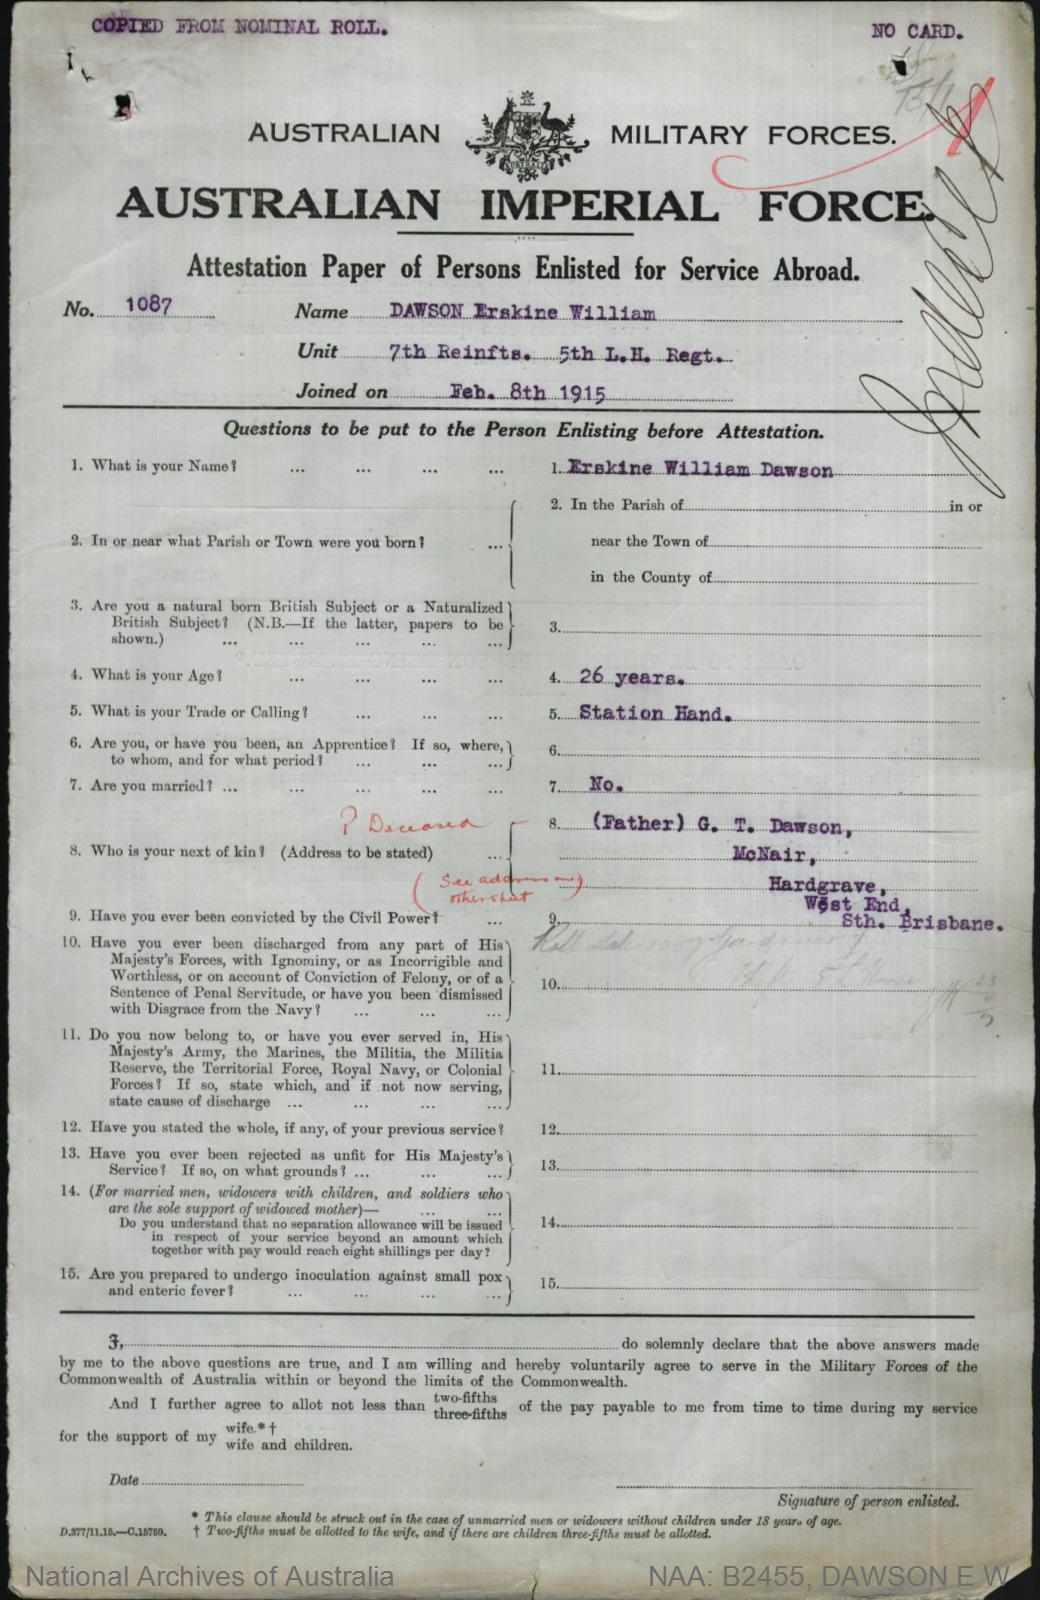 Dawson Erskine William : SERN Lieutenant 1087 : POB N/A : POE N/A : NOK F Dawson G T